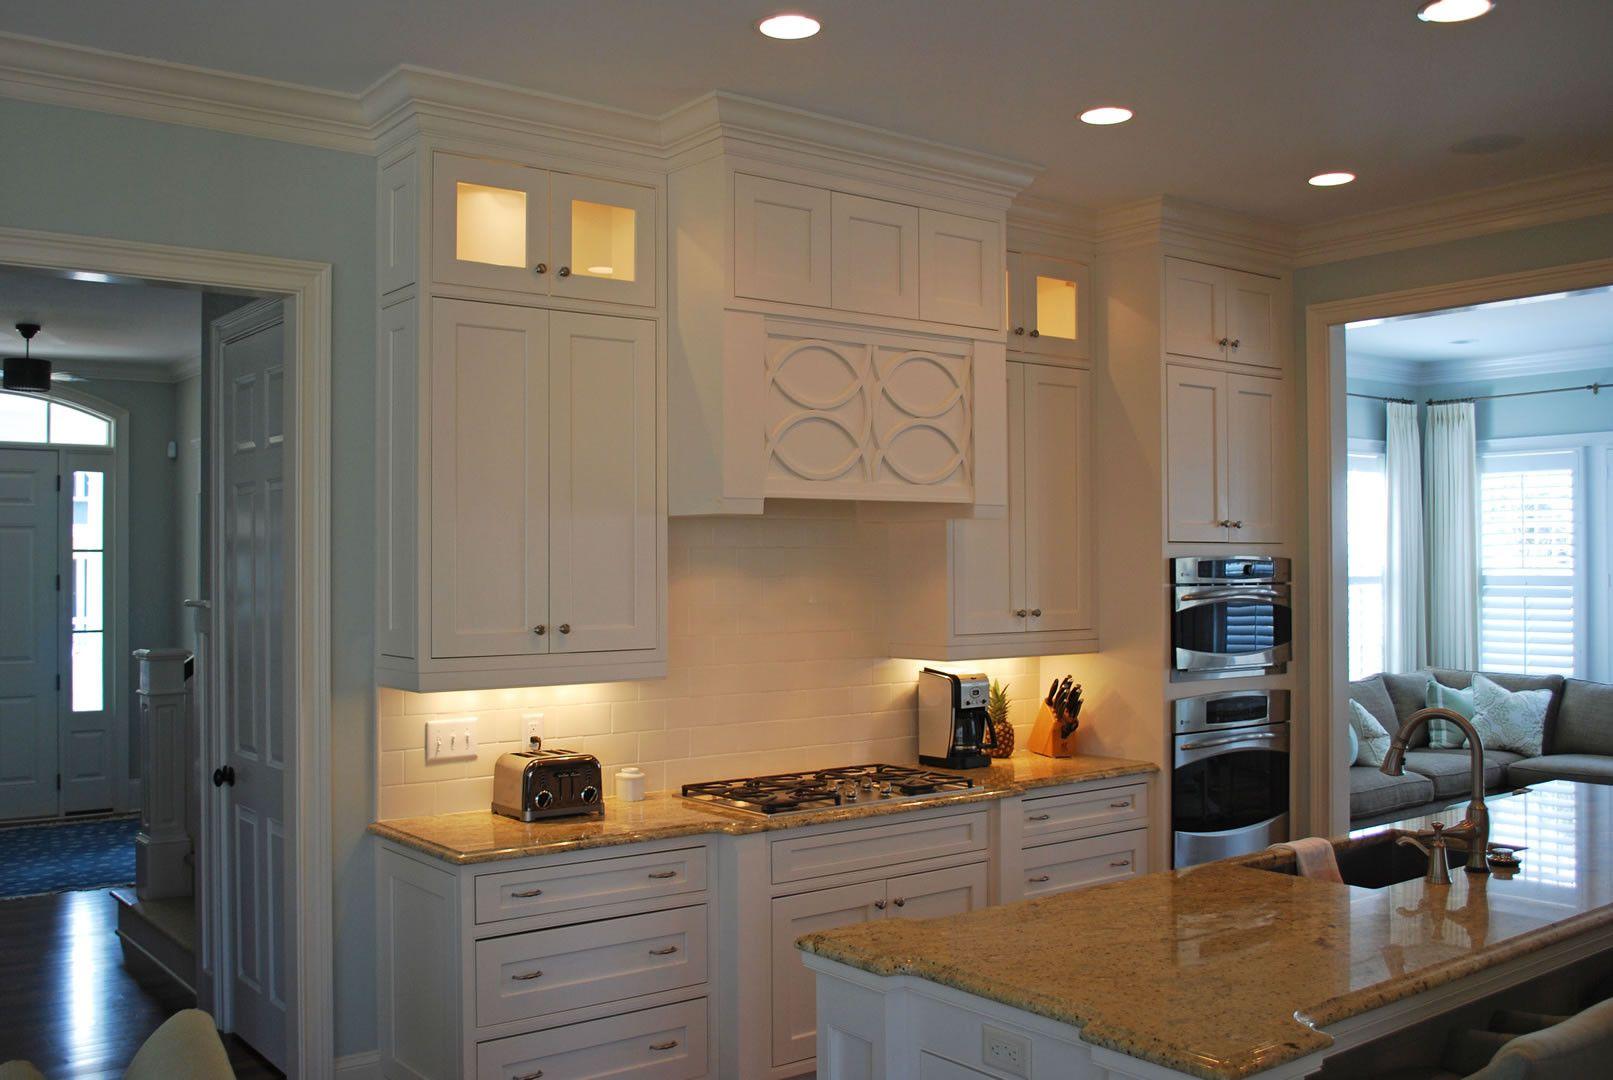 50+ Kitchen Cabinets north Carolina - Best Kitchen Cabinet Ideas ...